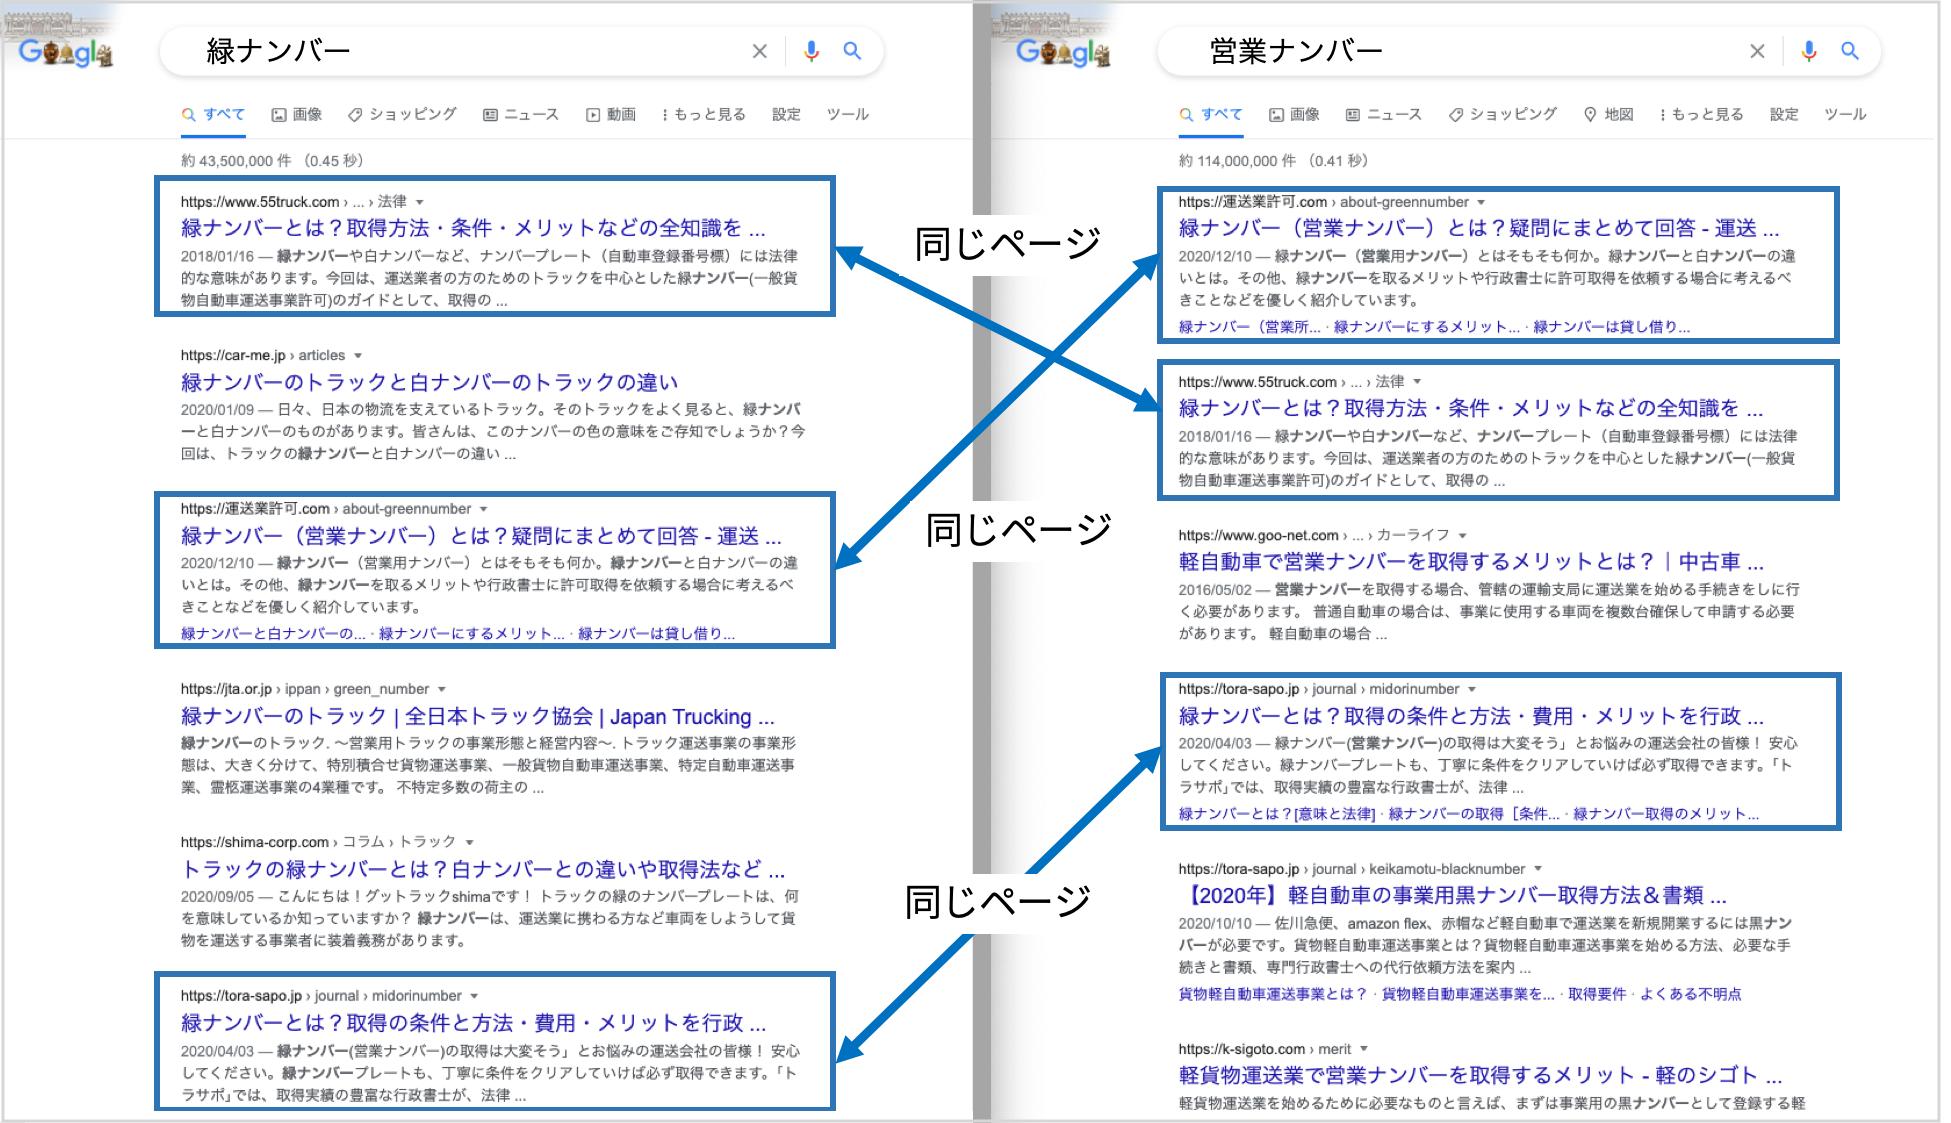 キーワード「緑ナンバー」と「営業ナンバー」で検索結果を比較